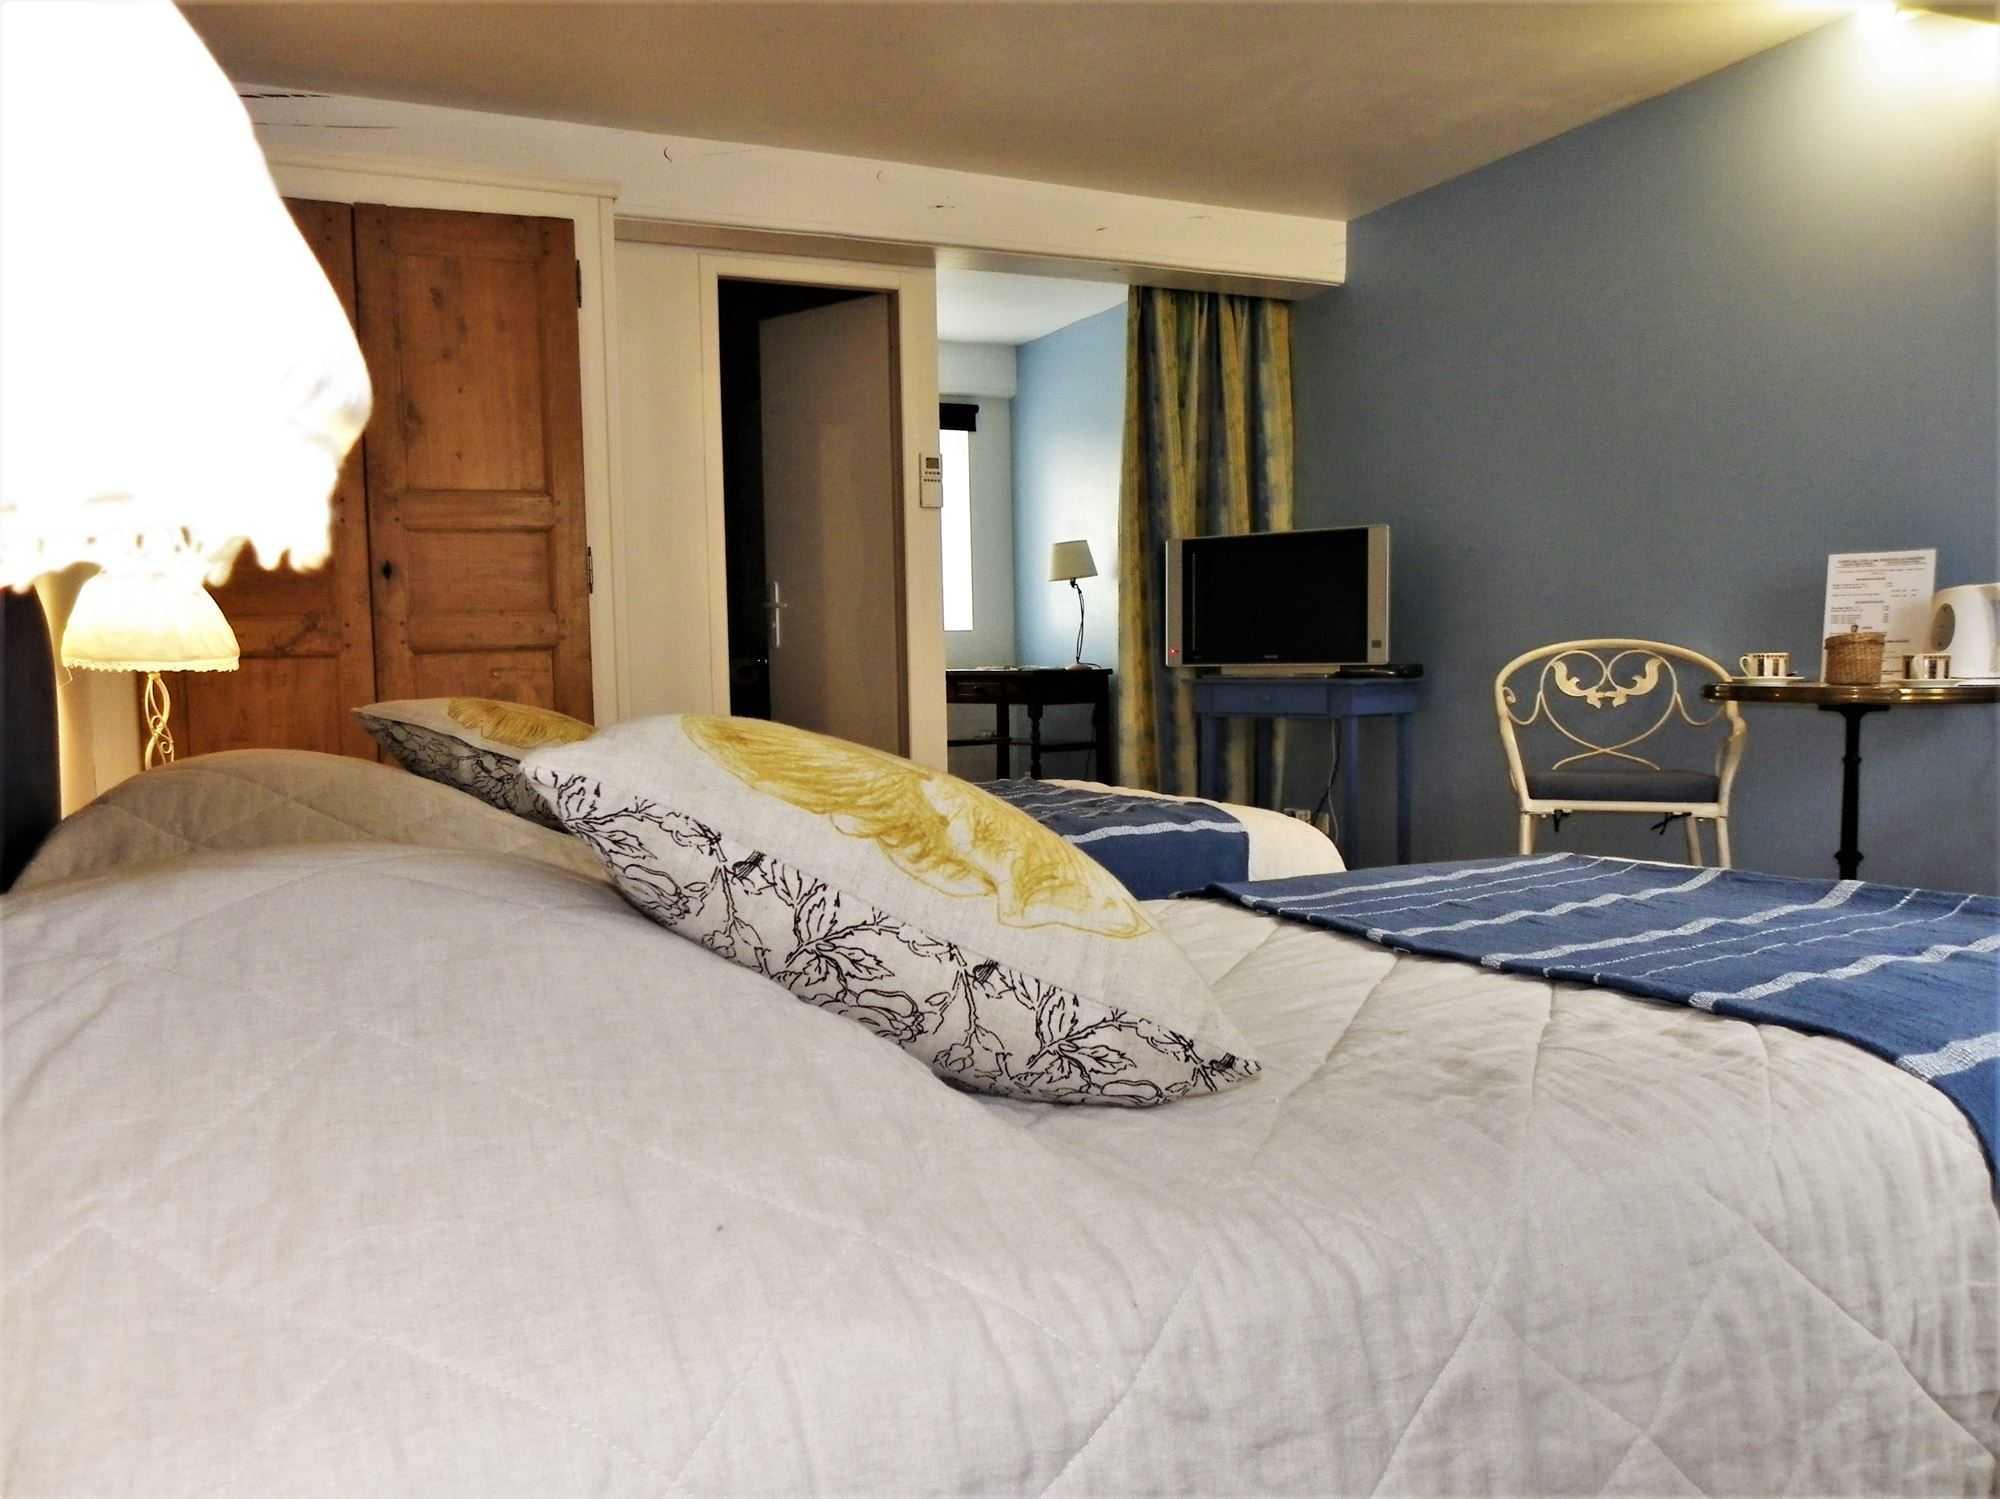 Les chambres la maison d 39 h tes pr s de chateauneuf en auxois - Chambres d hotes chateauneuf en auxois ...